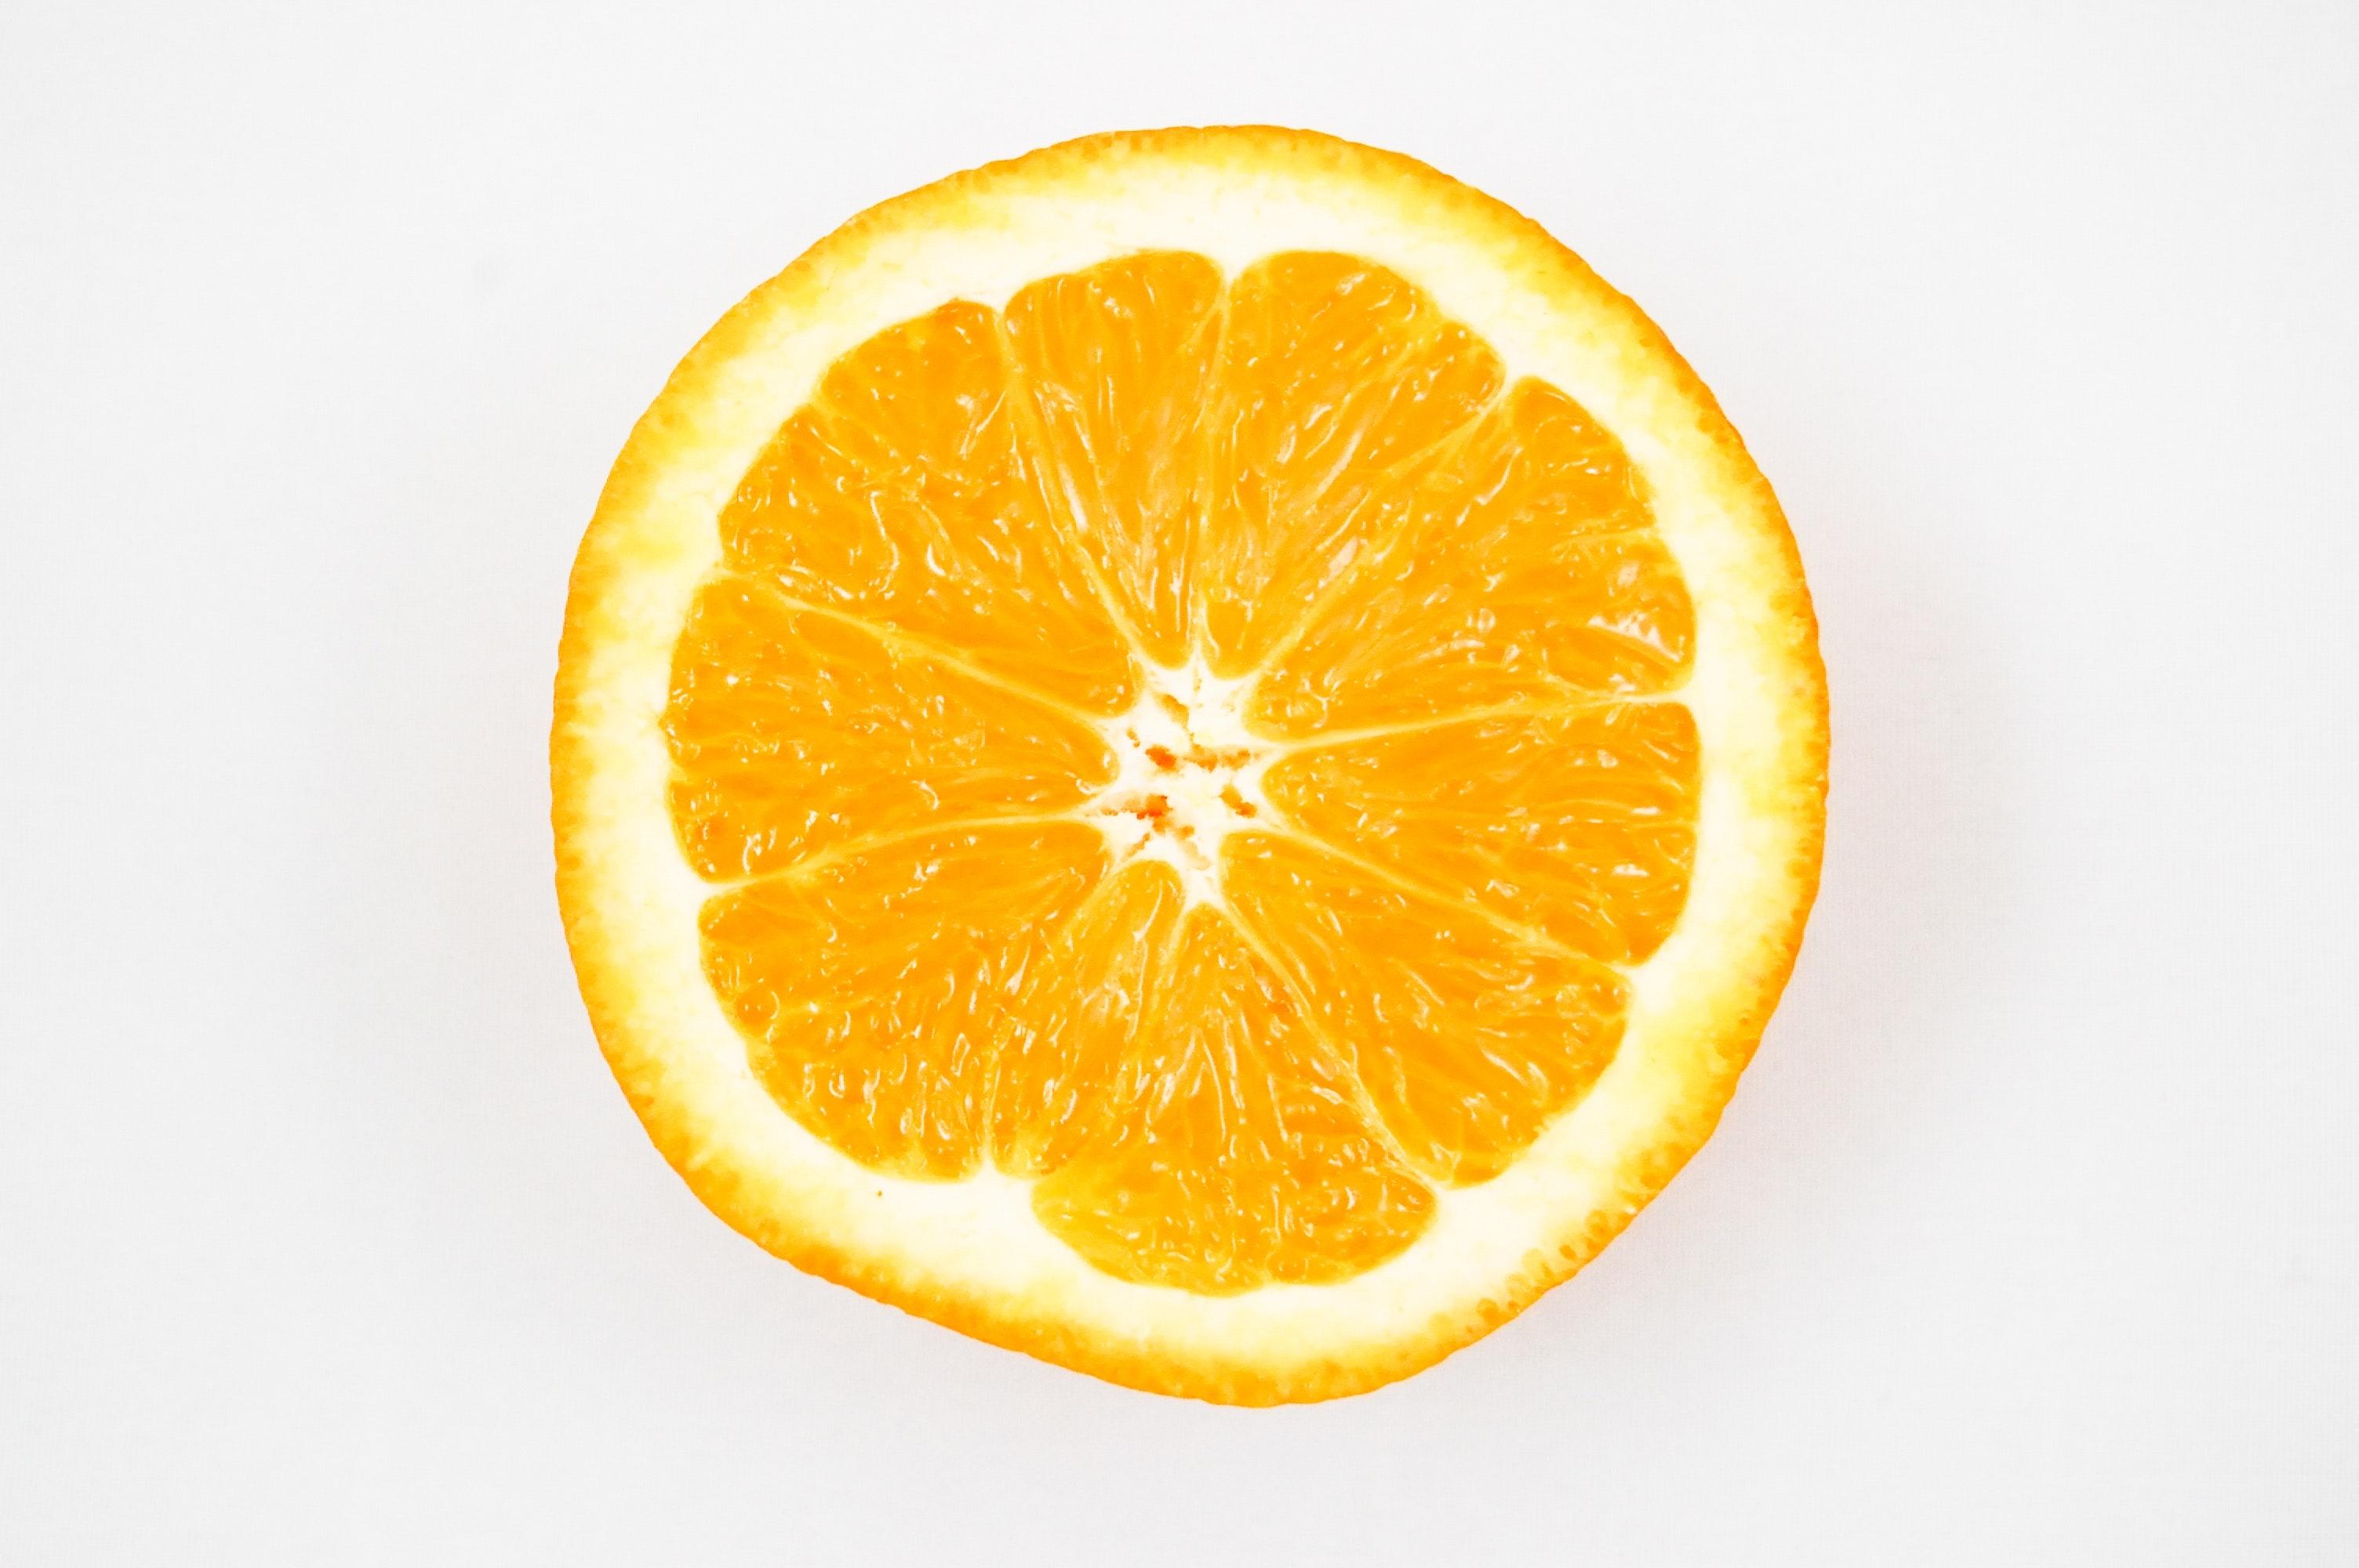 Half of a fresh myer lemon